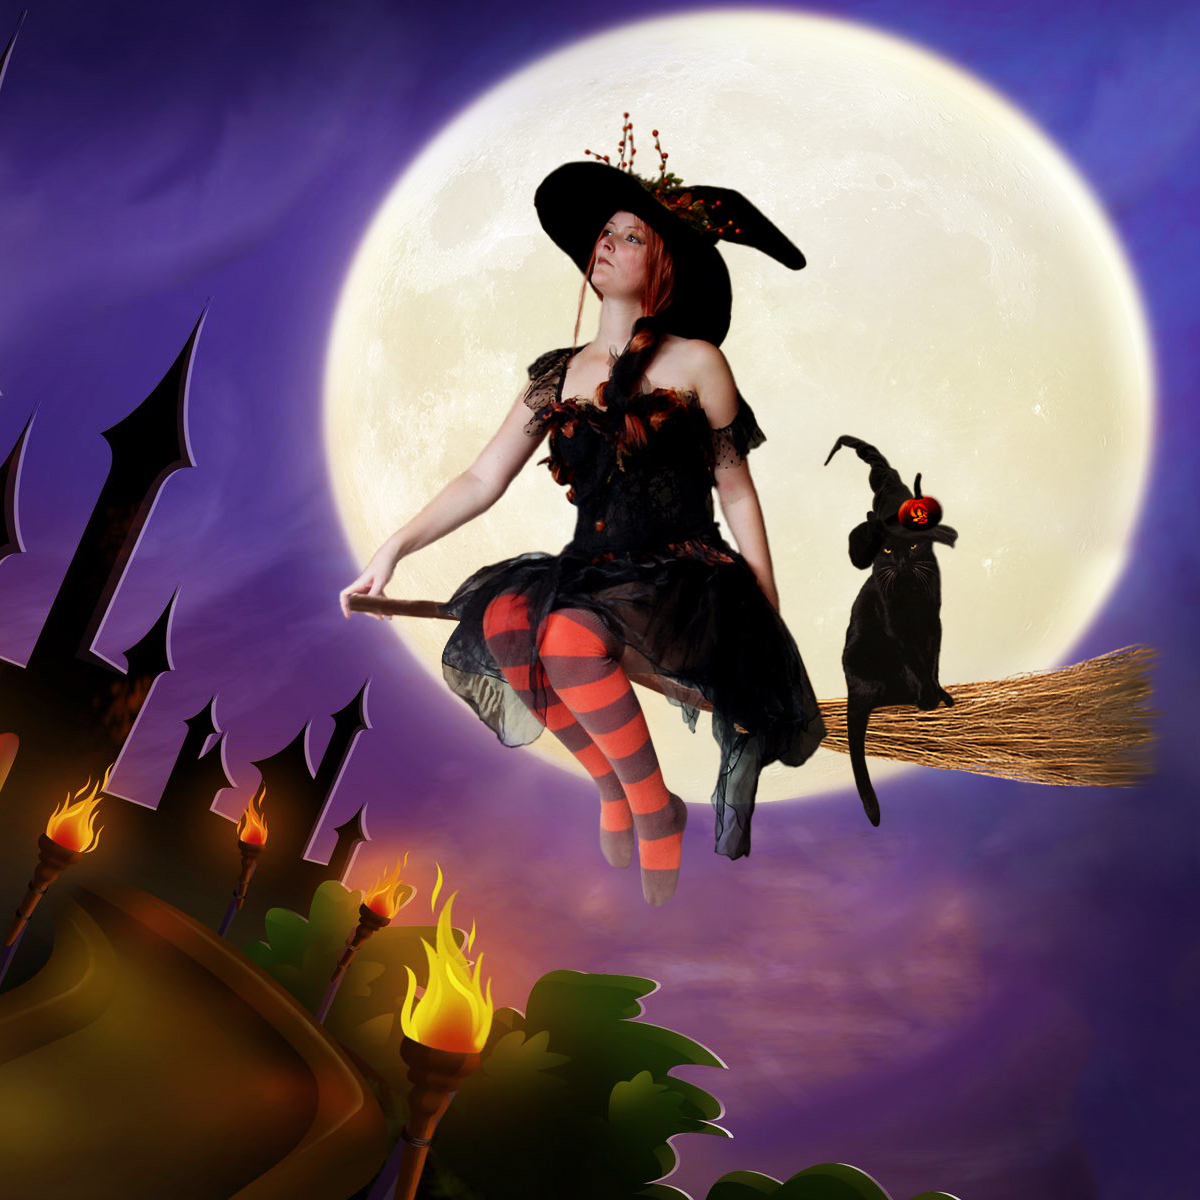 городе фотки ведьмы на метле важно